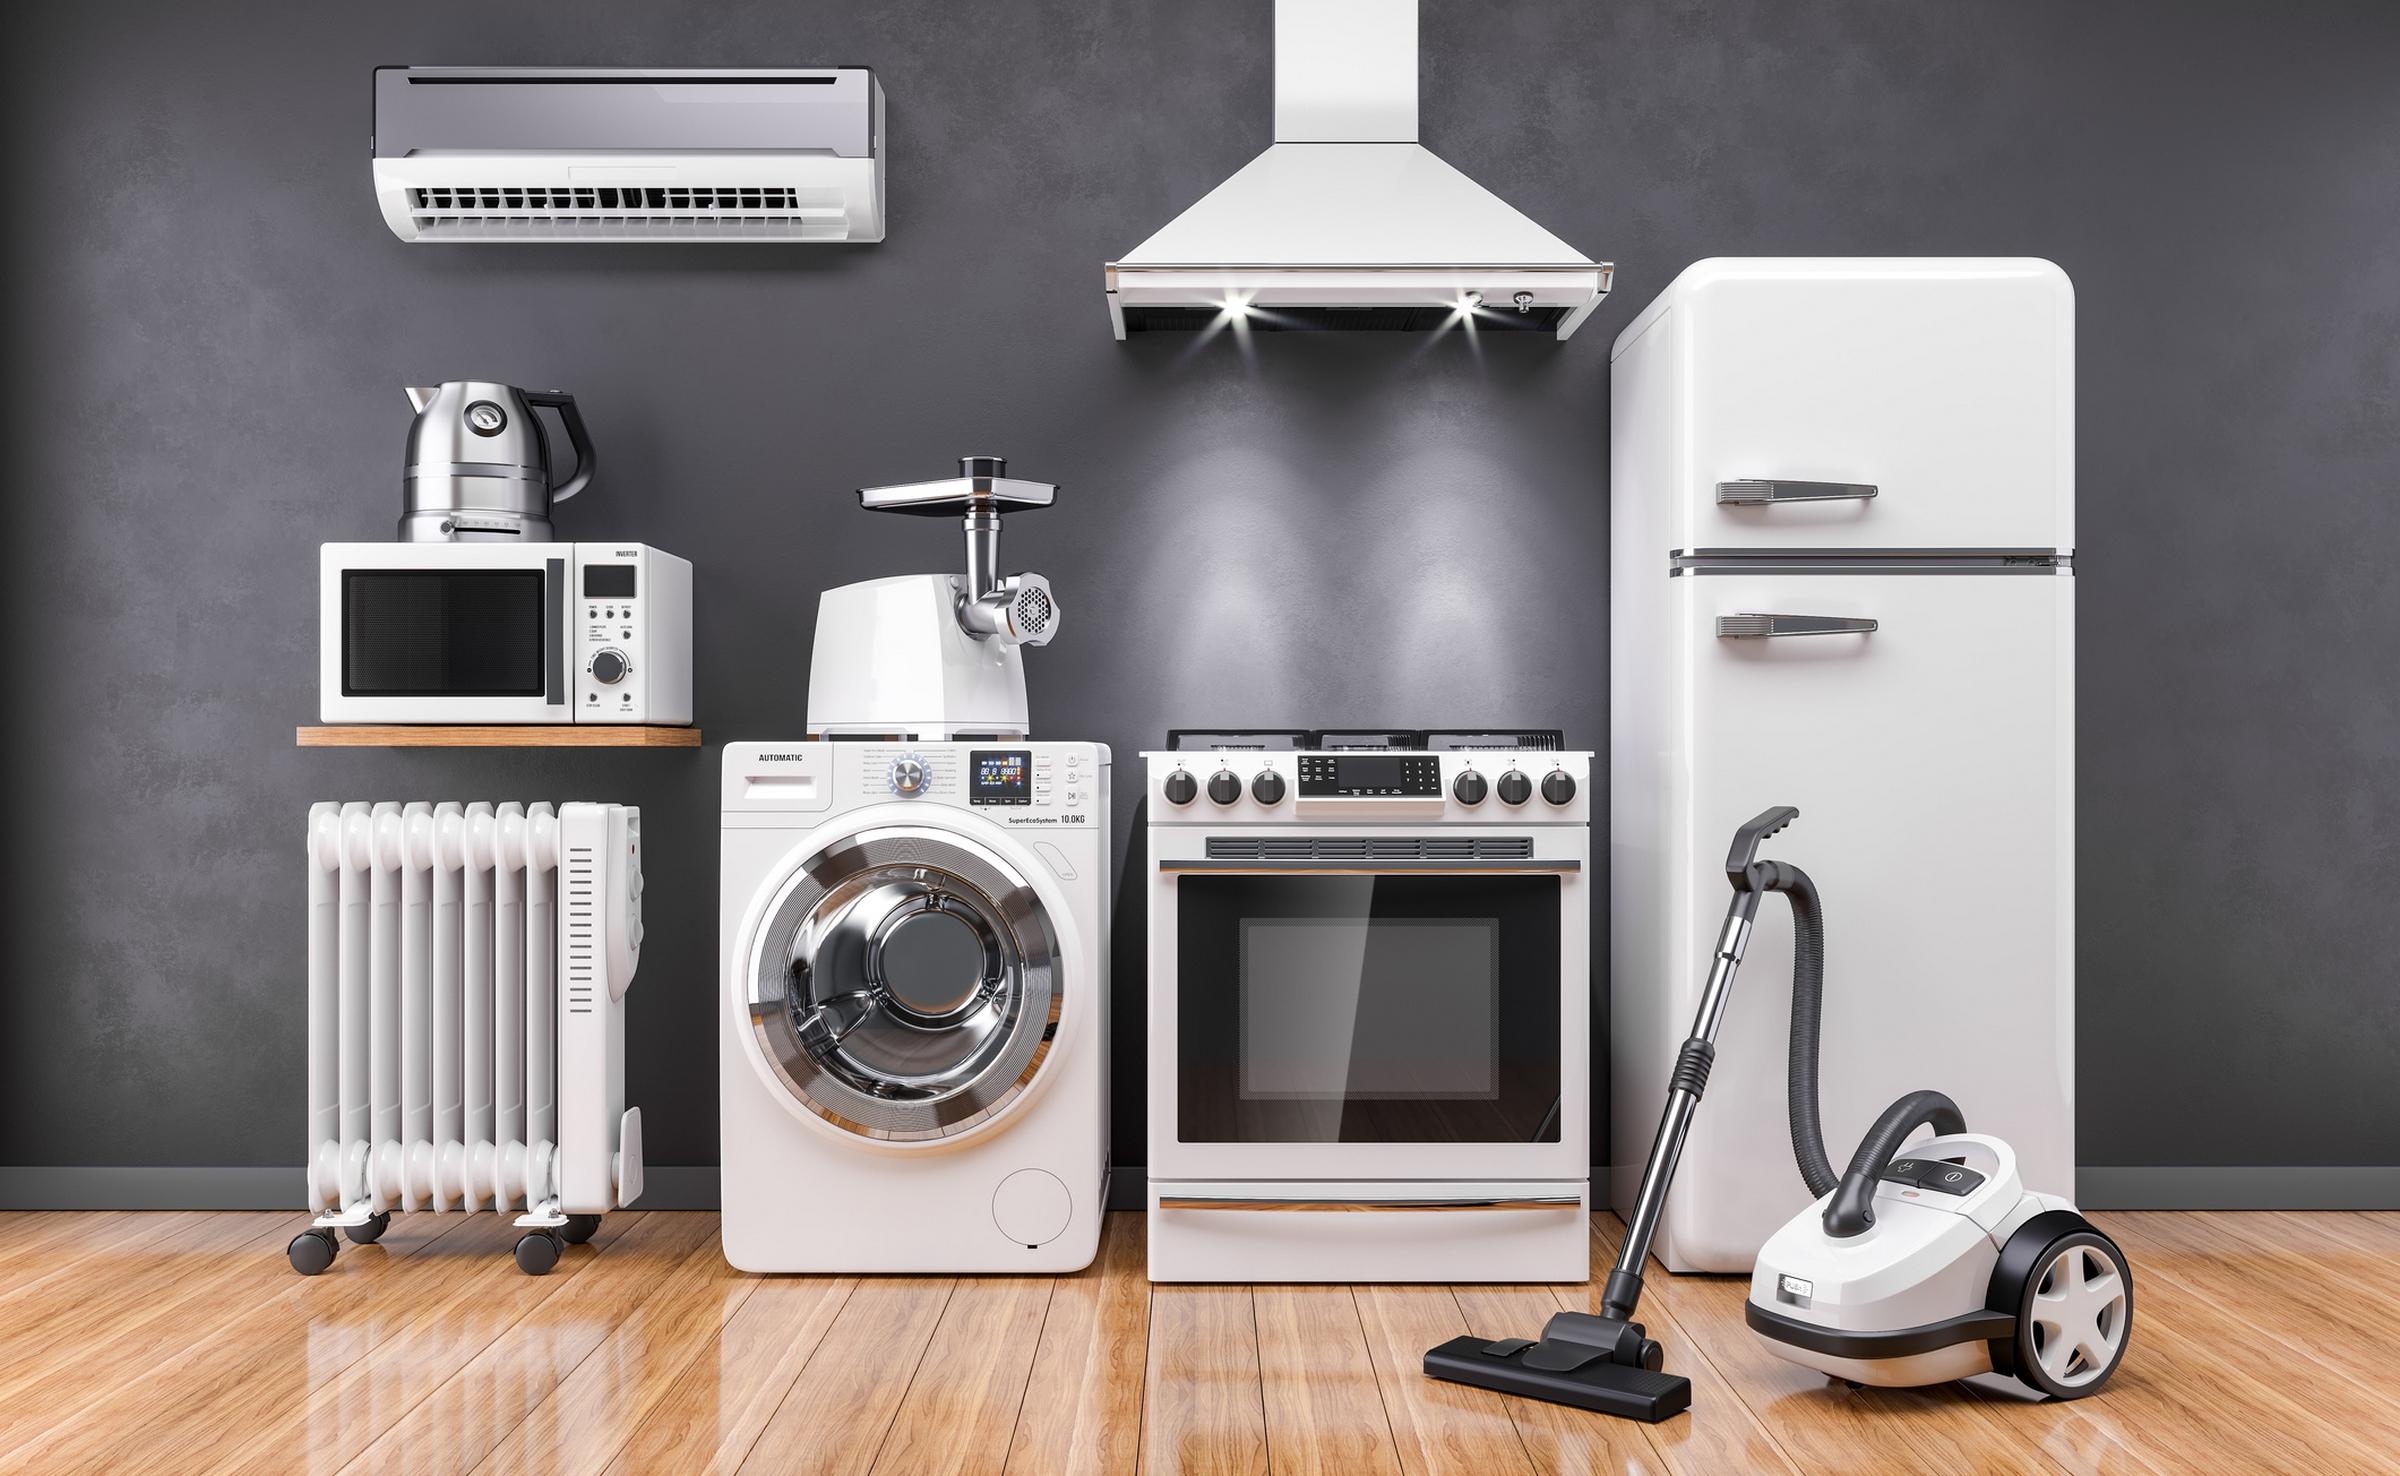 Cuánto duran los electrodomésticos? Esta es la vida útil de los aparatos de tu hogar   Life - ComputerHoy.com